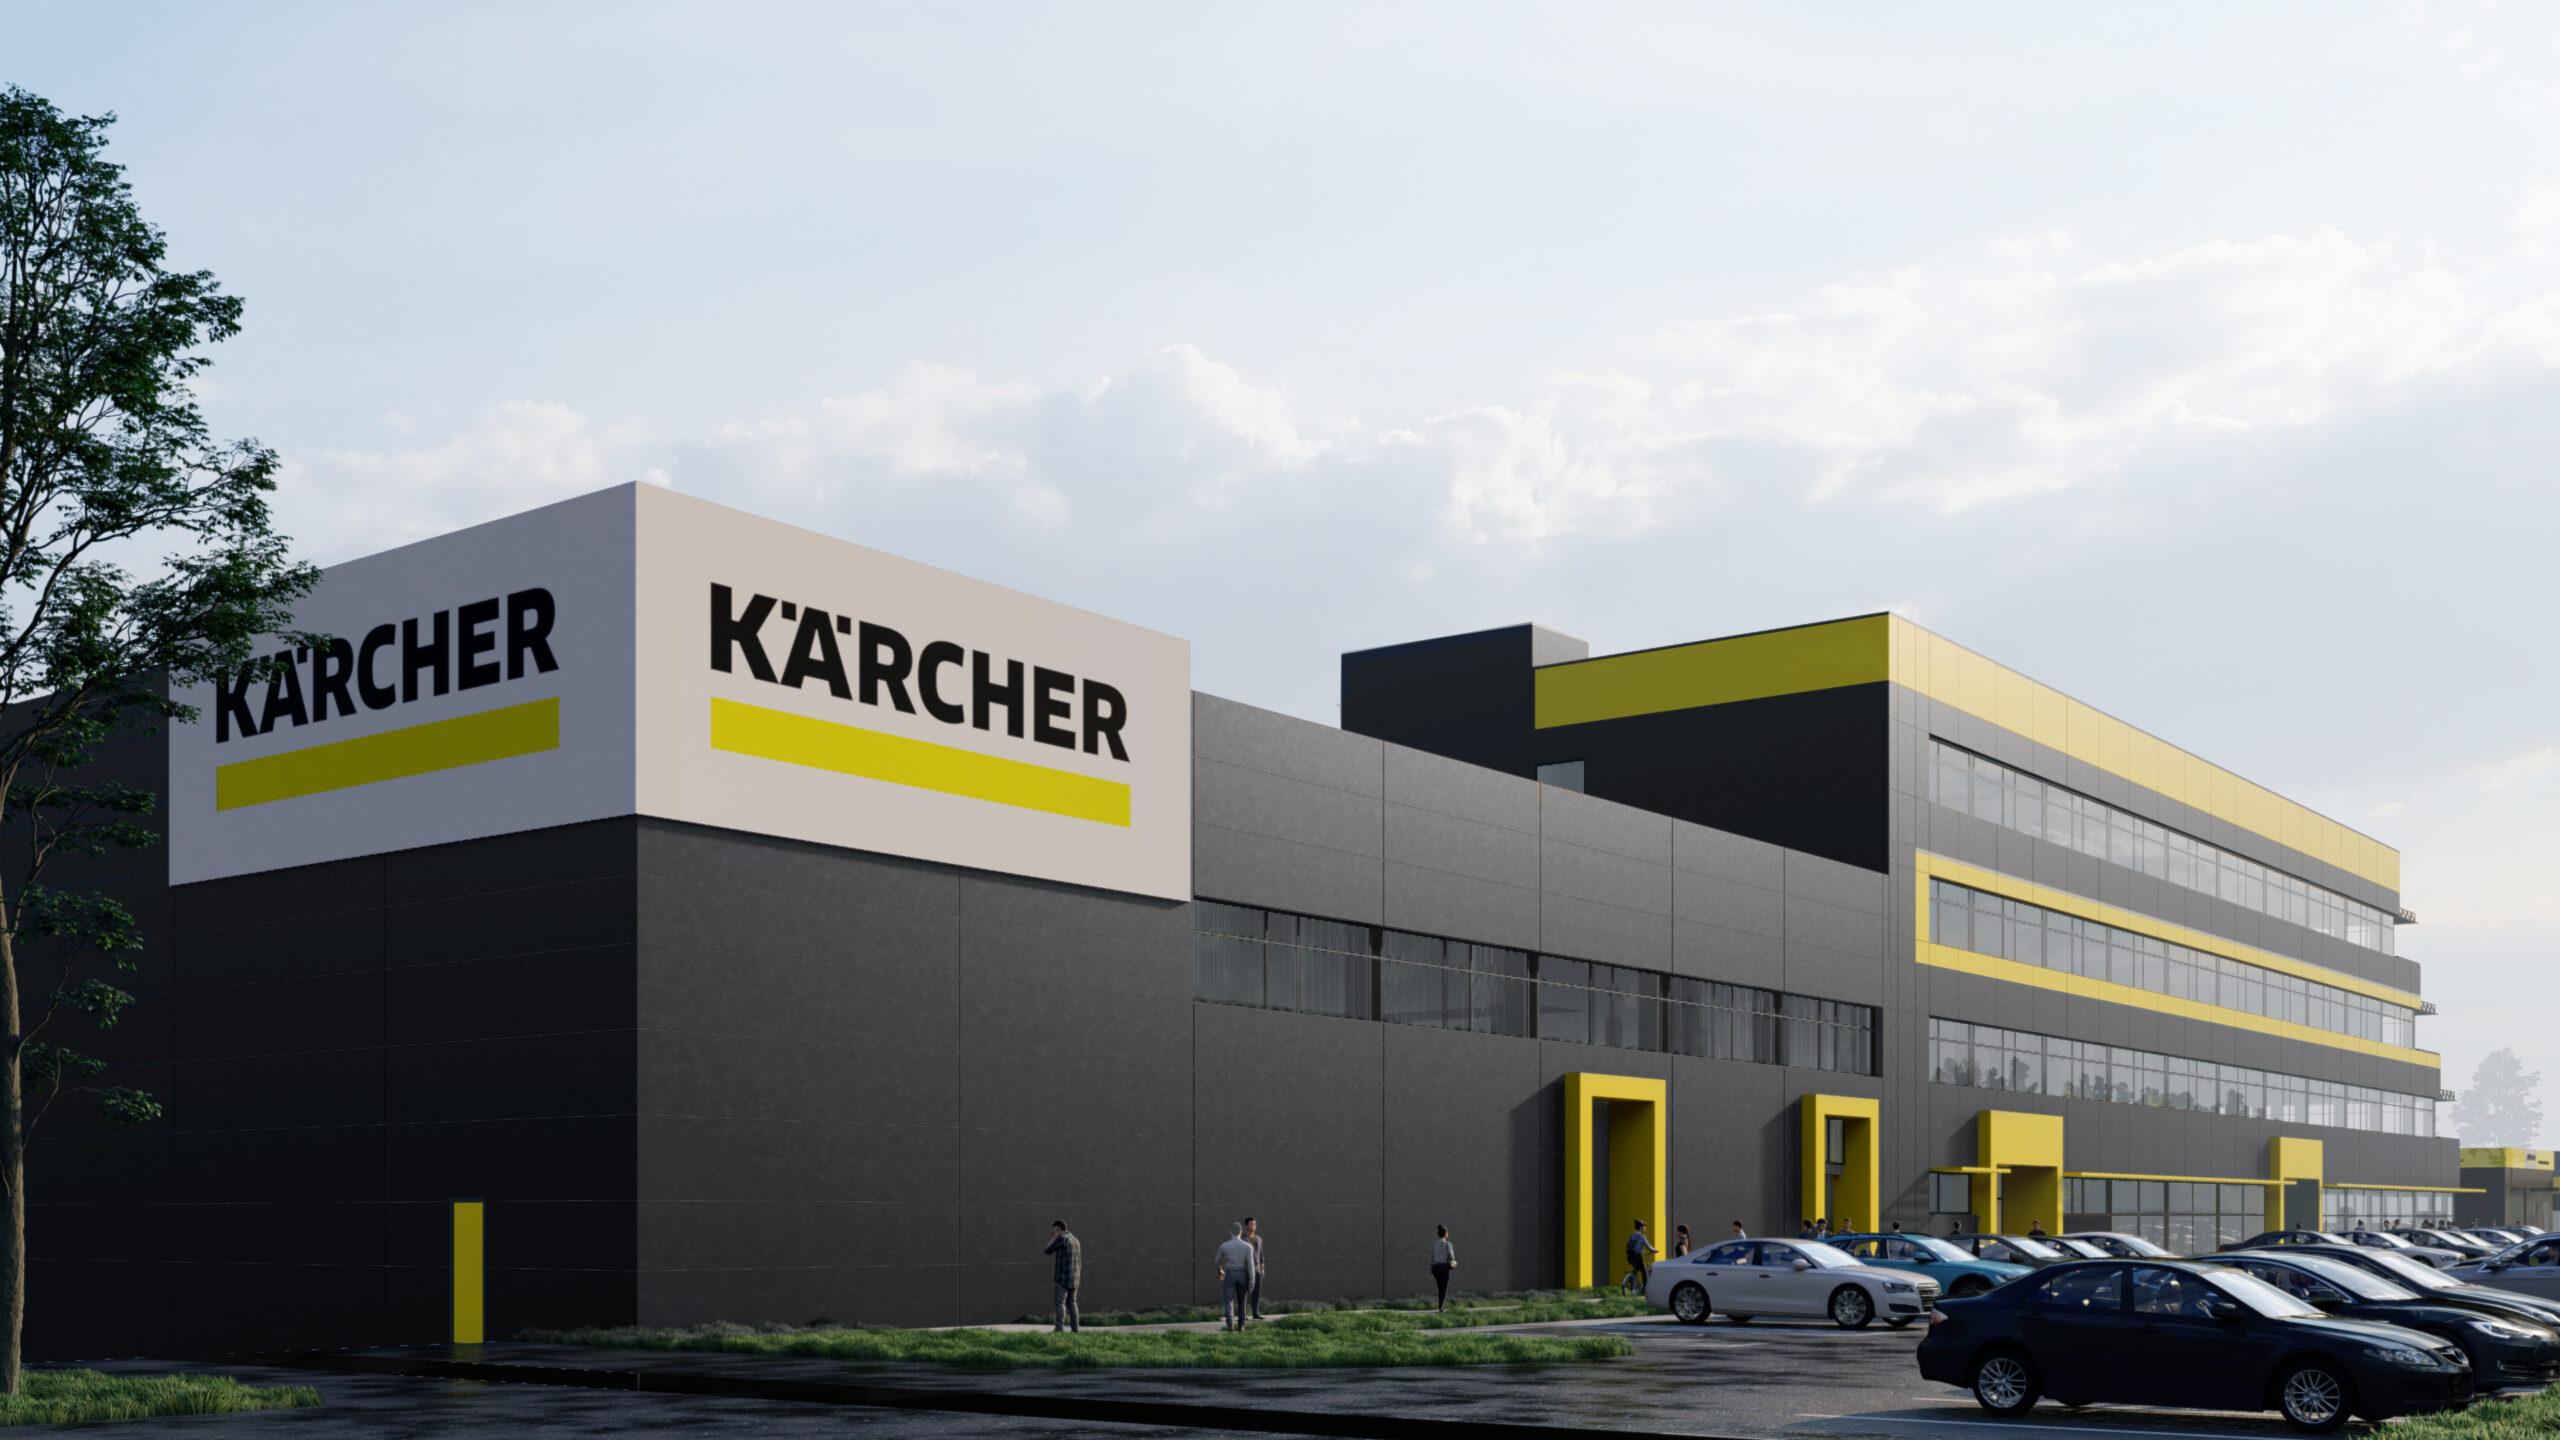 Немецкая компания-лидер в сфере технологий очистки и клинингового оборудования Karcher инвестирует в строительство современного офисного комплекса Karcher Competence Center